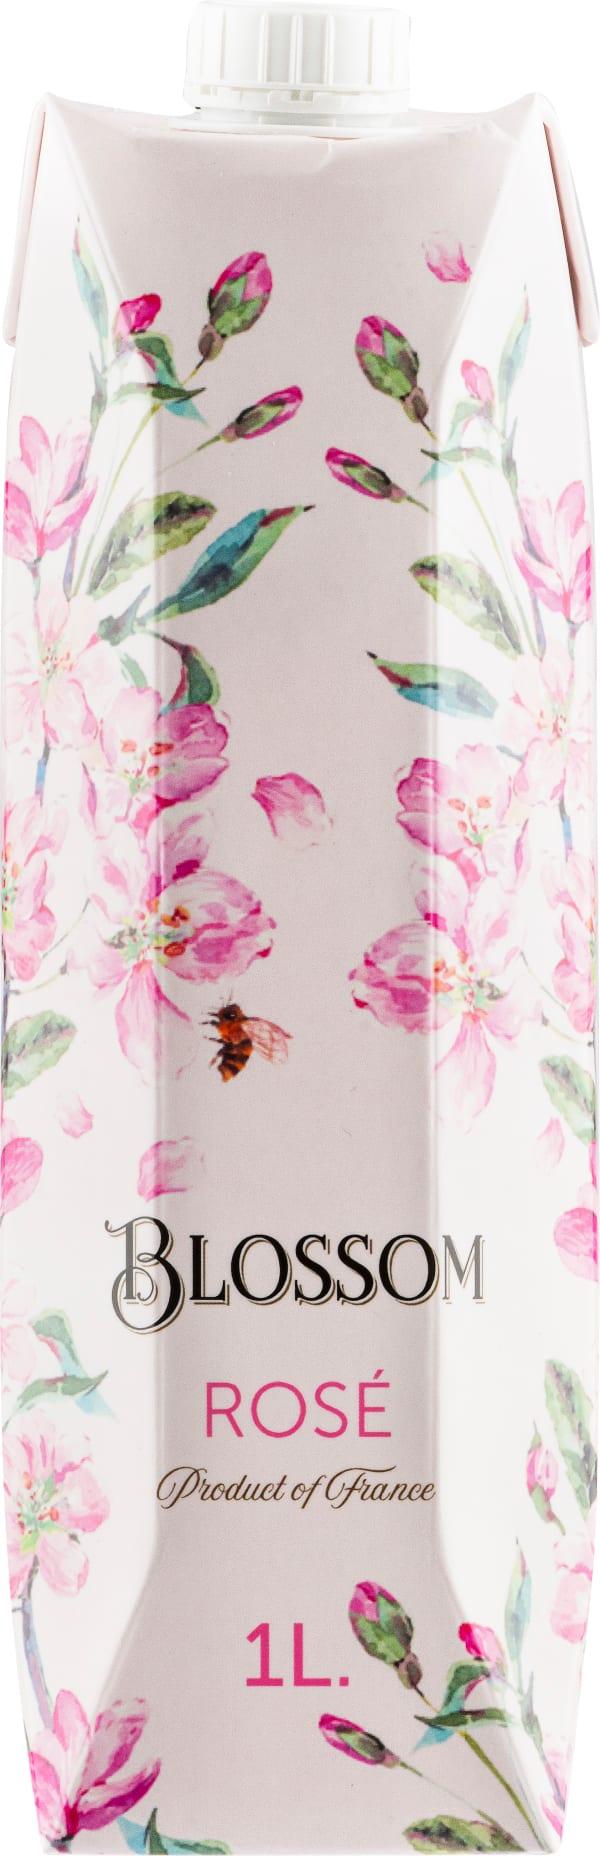 Blossom Rosé 2020 carton package